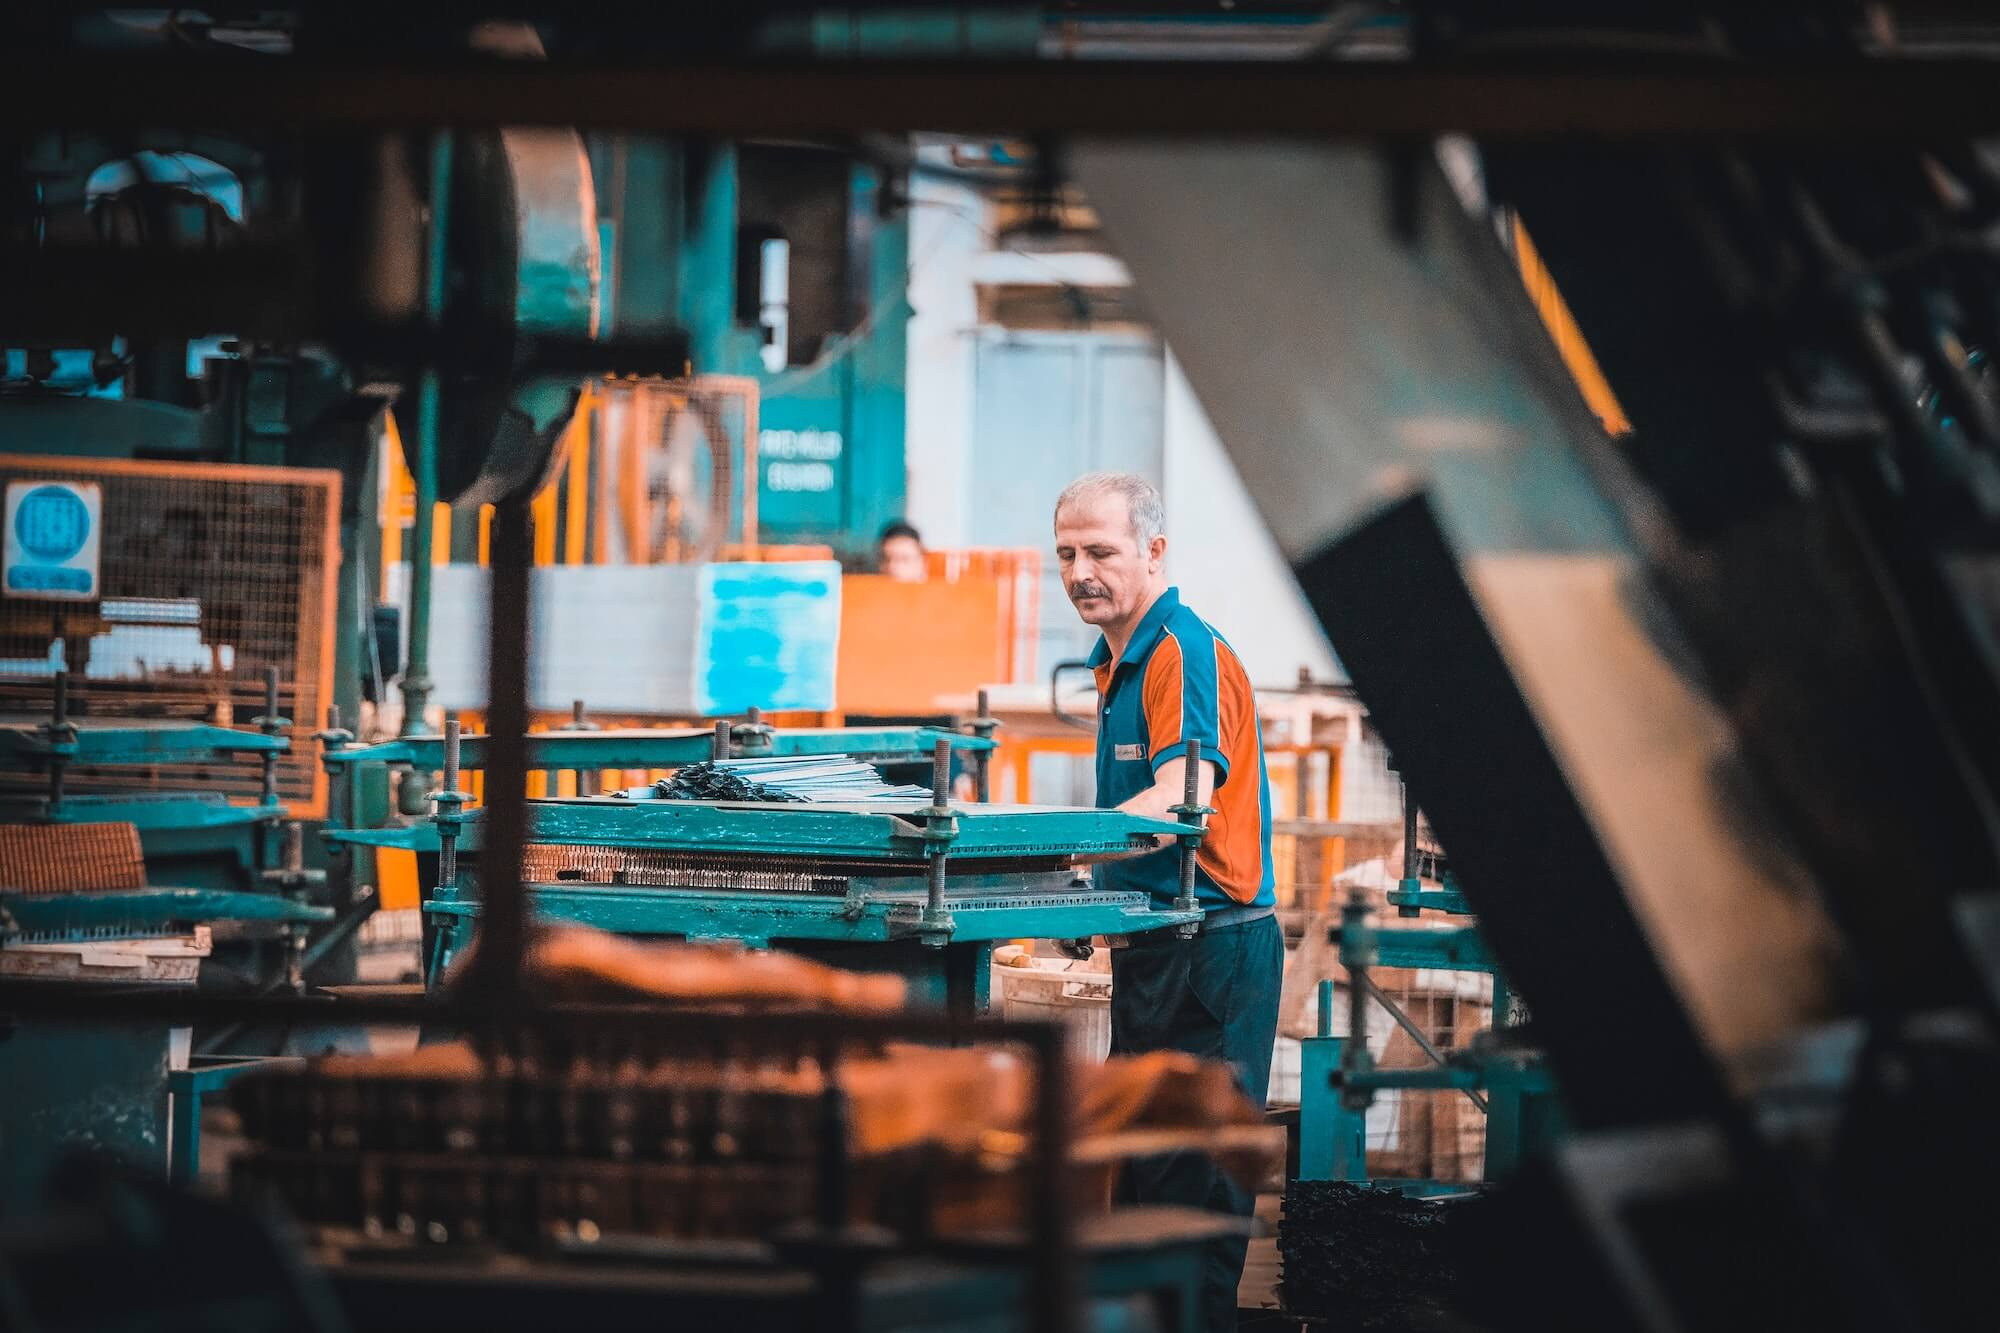 Ouvrier sur la chaîne de fabrication